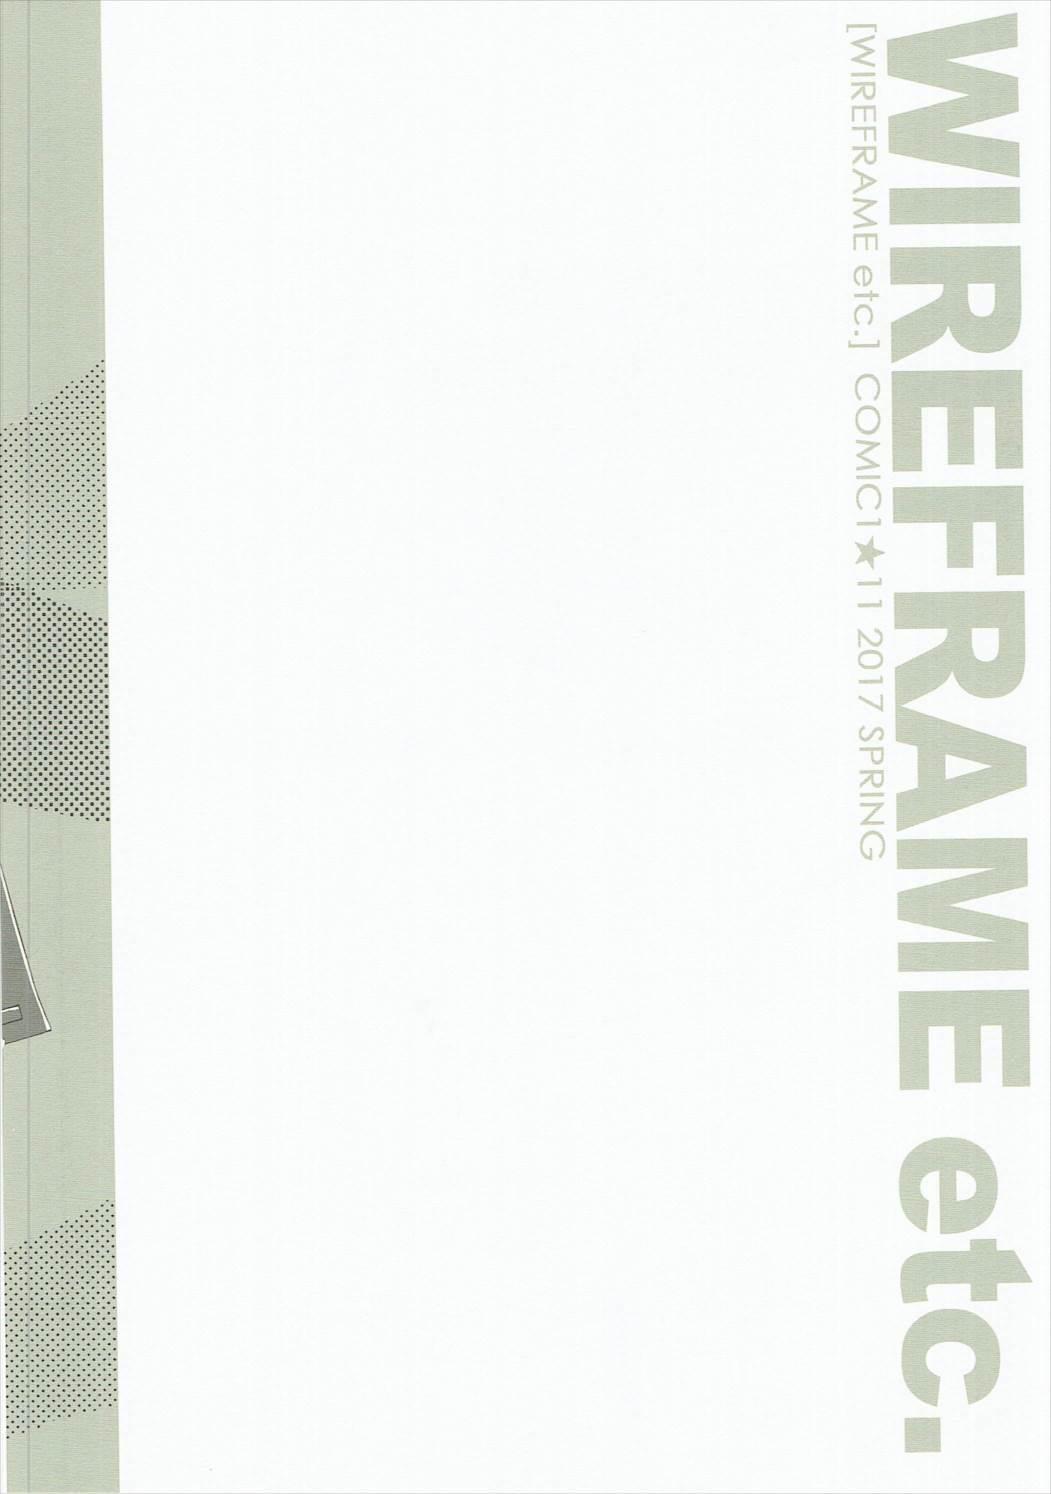 WIREFRAME etc. 11